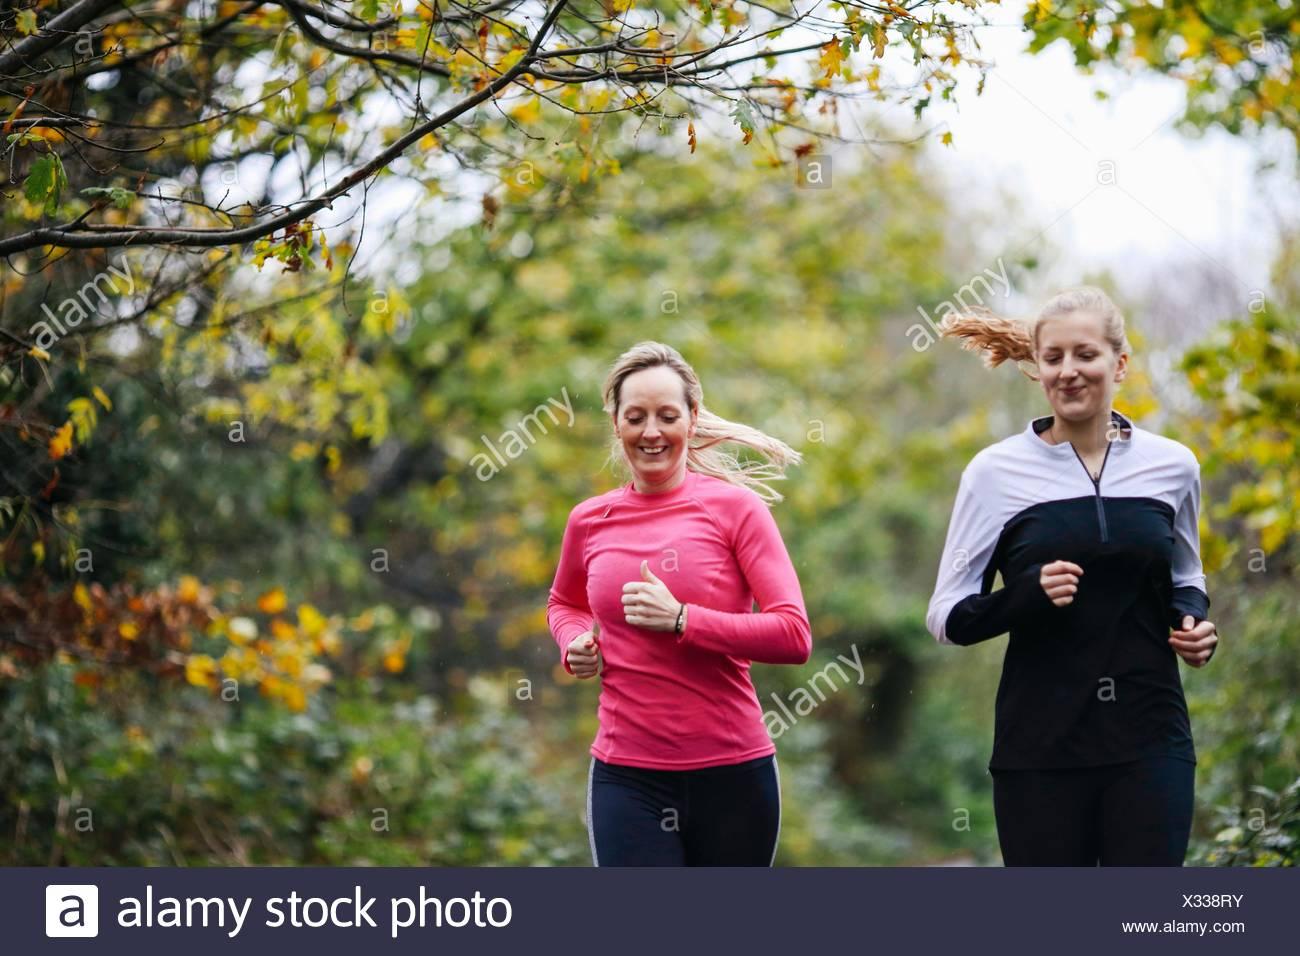 Adolescente y la mujer ejecutando en estacionamiento Imagen De Stock